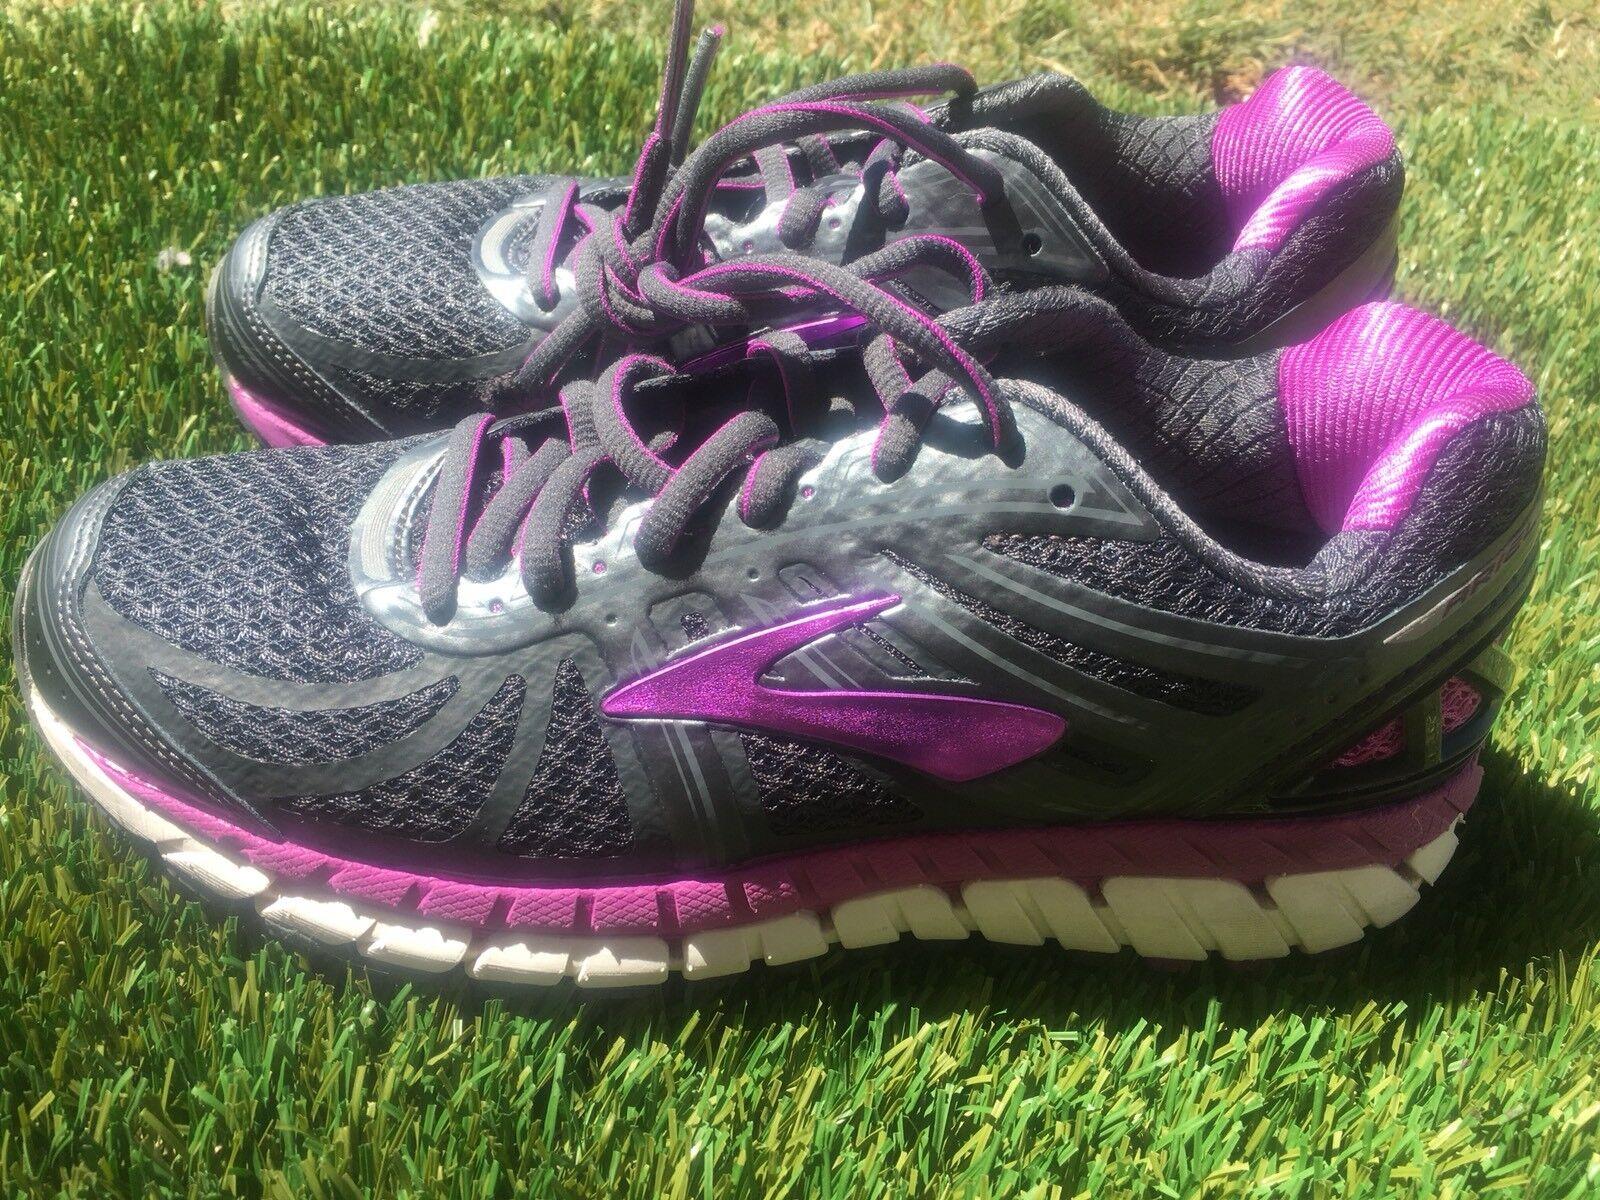 Para Mujer komodospor Vibram Fivefingers w3681 komodospor Mujer Zapatos, Nuevos Blk Malla Zapatos para caminar 6 047f4c